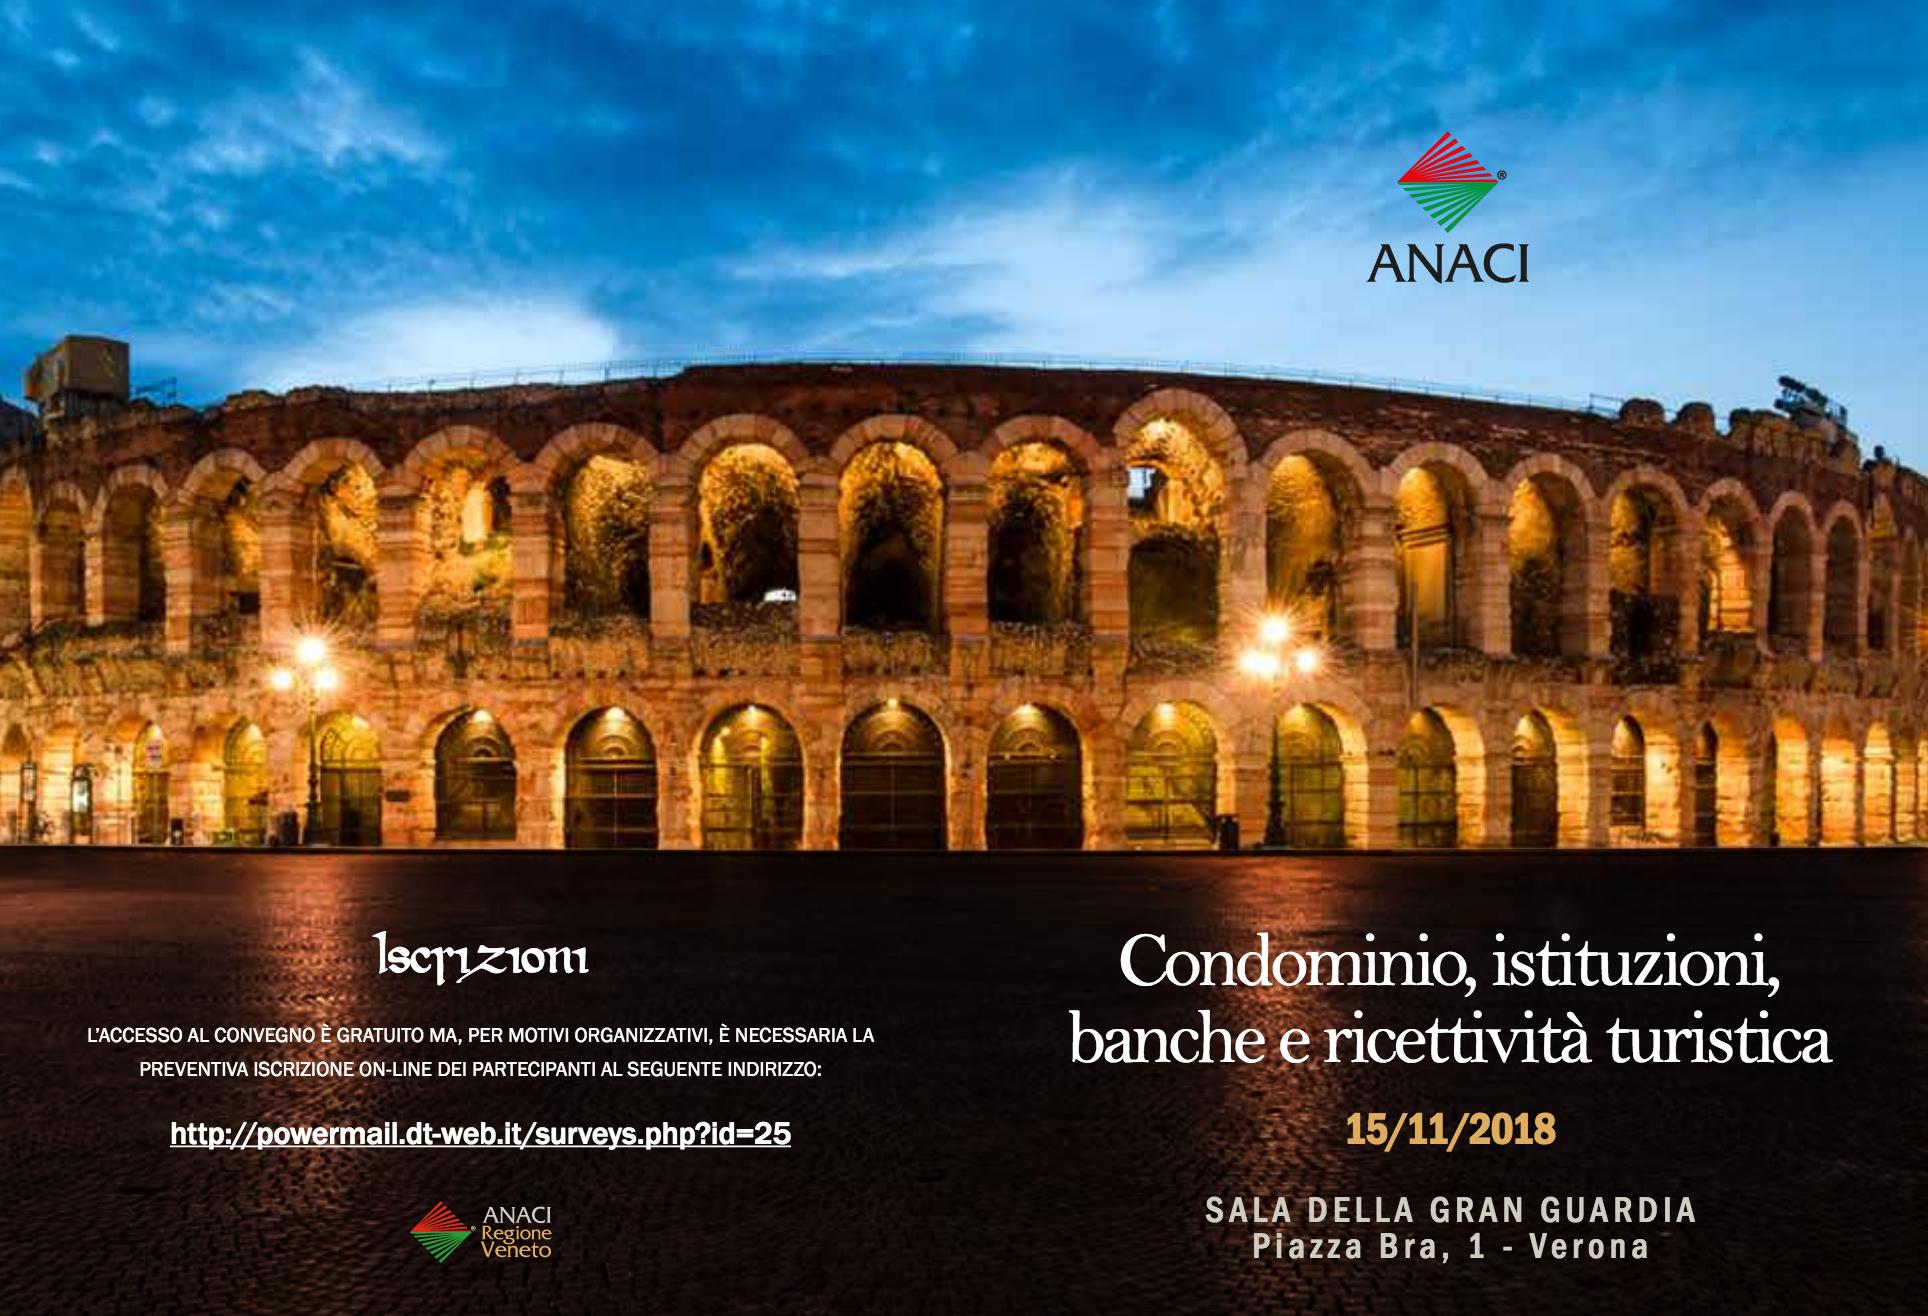 Condominio, Istituzioni, Banche e Ricettività Turistica